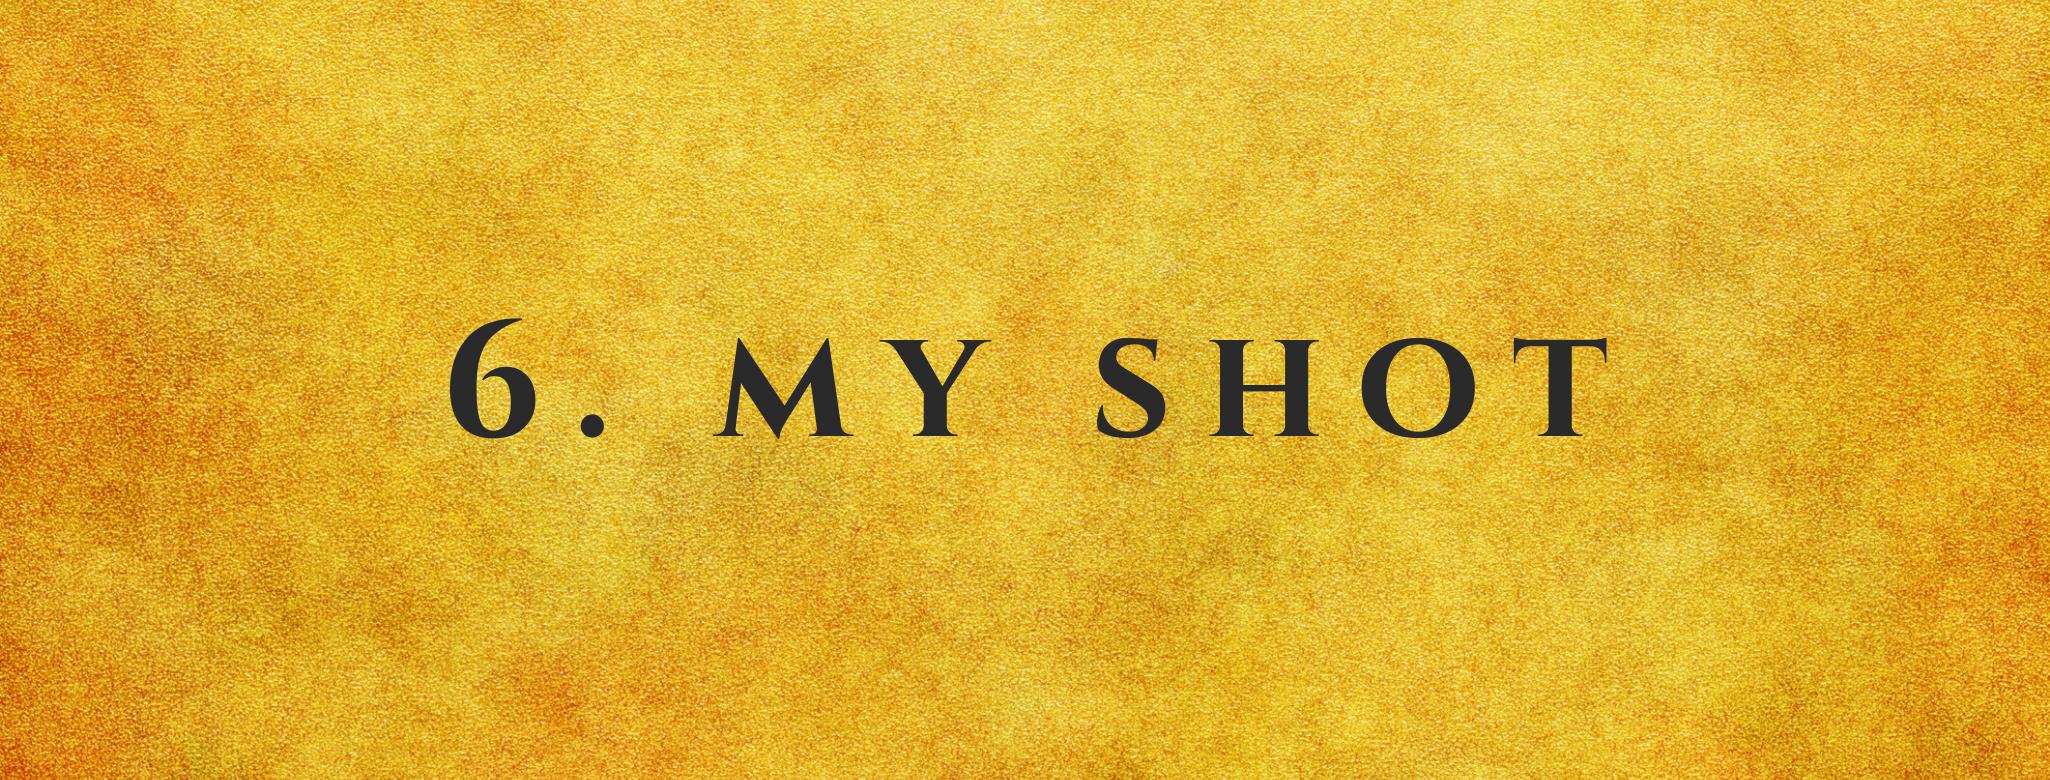 #6 My Shot